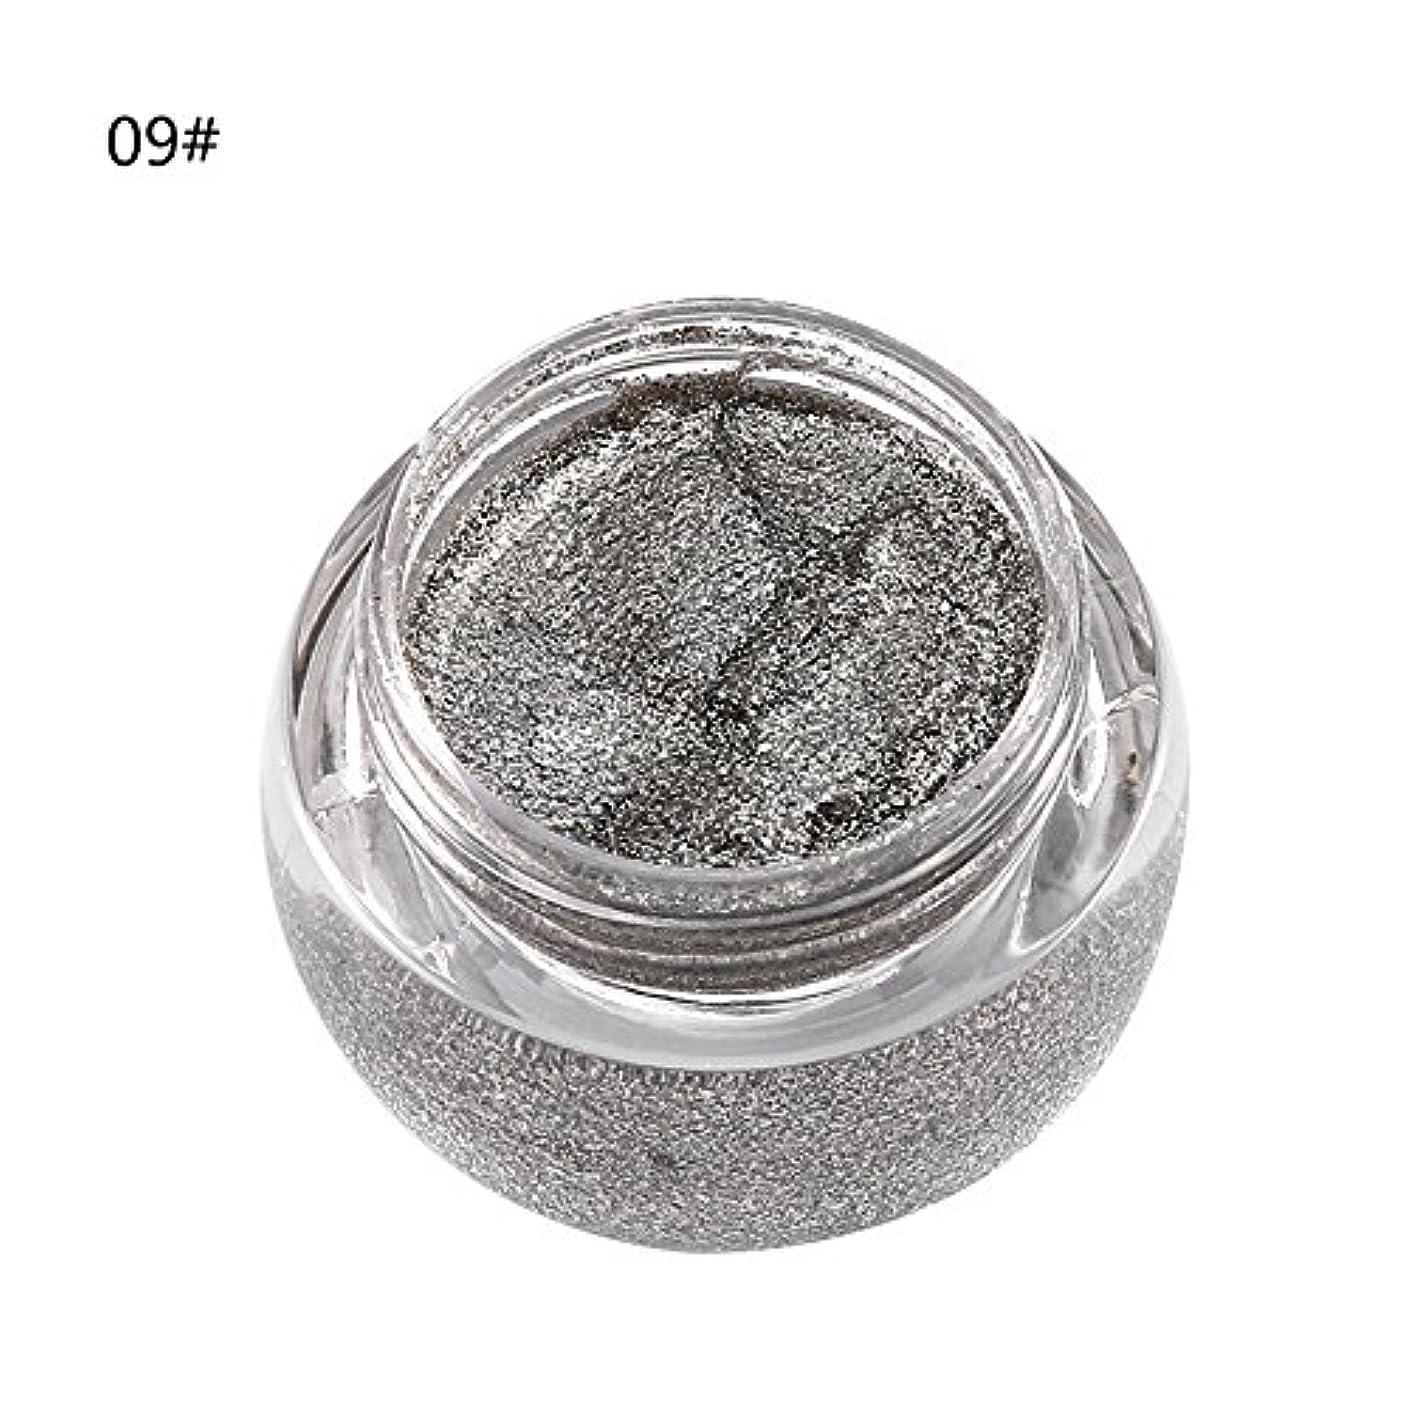 アイシャドウ 単色 化粧品 光沢 保湿 キラキラ 美しい タイプ 09